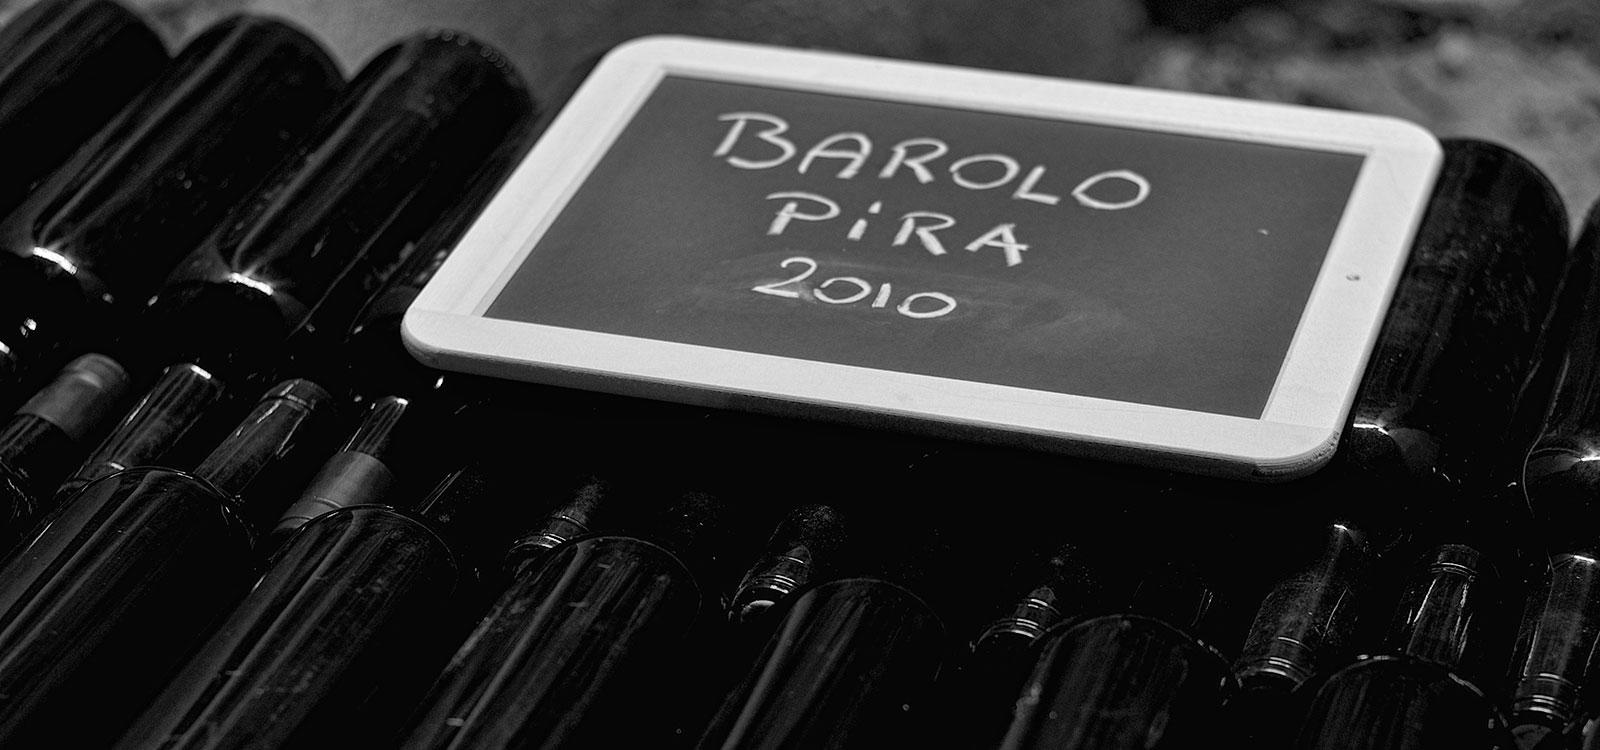 Barolo Pira